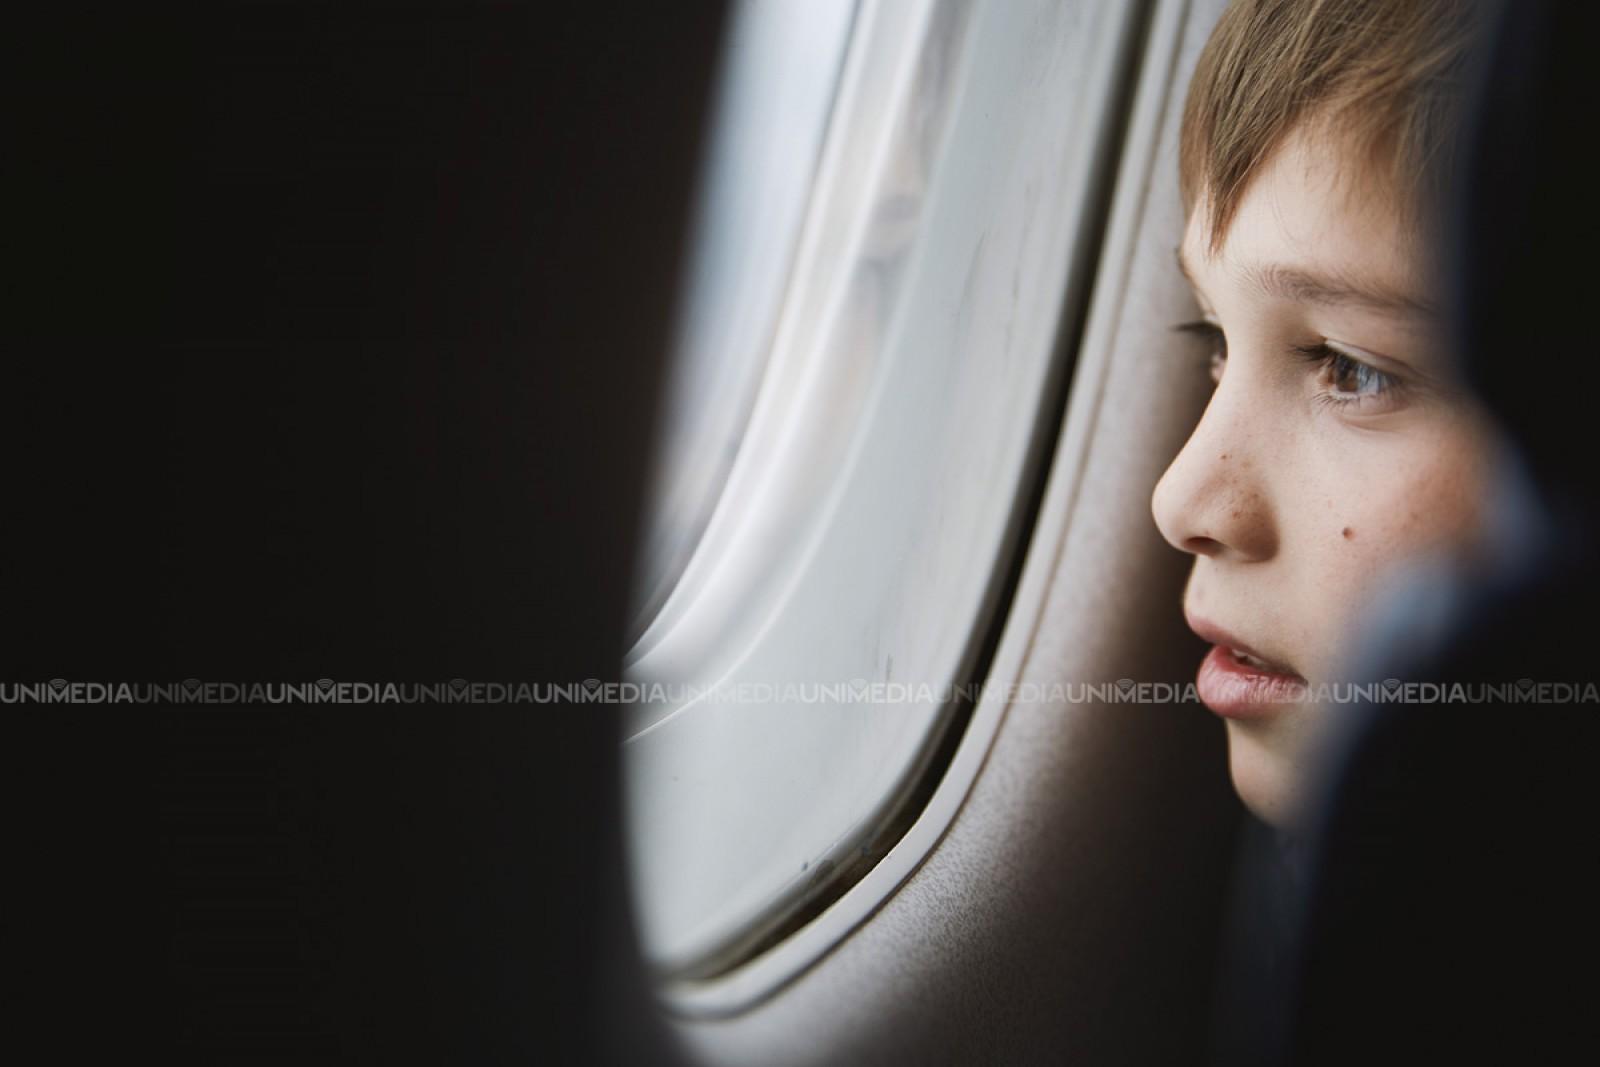 Motivul pentru care pasagerii avioanelor sunt rugați să ridice obloanele ferestrelor la decolare și aterizare